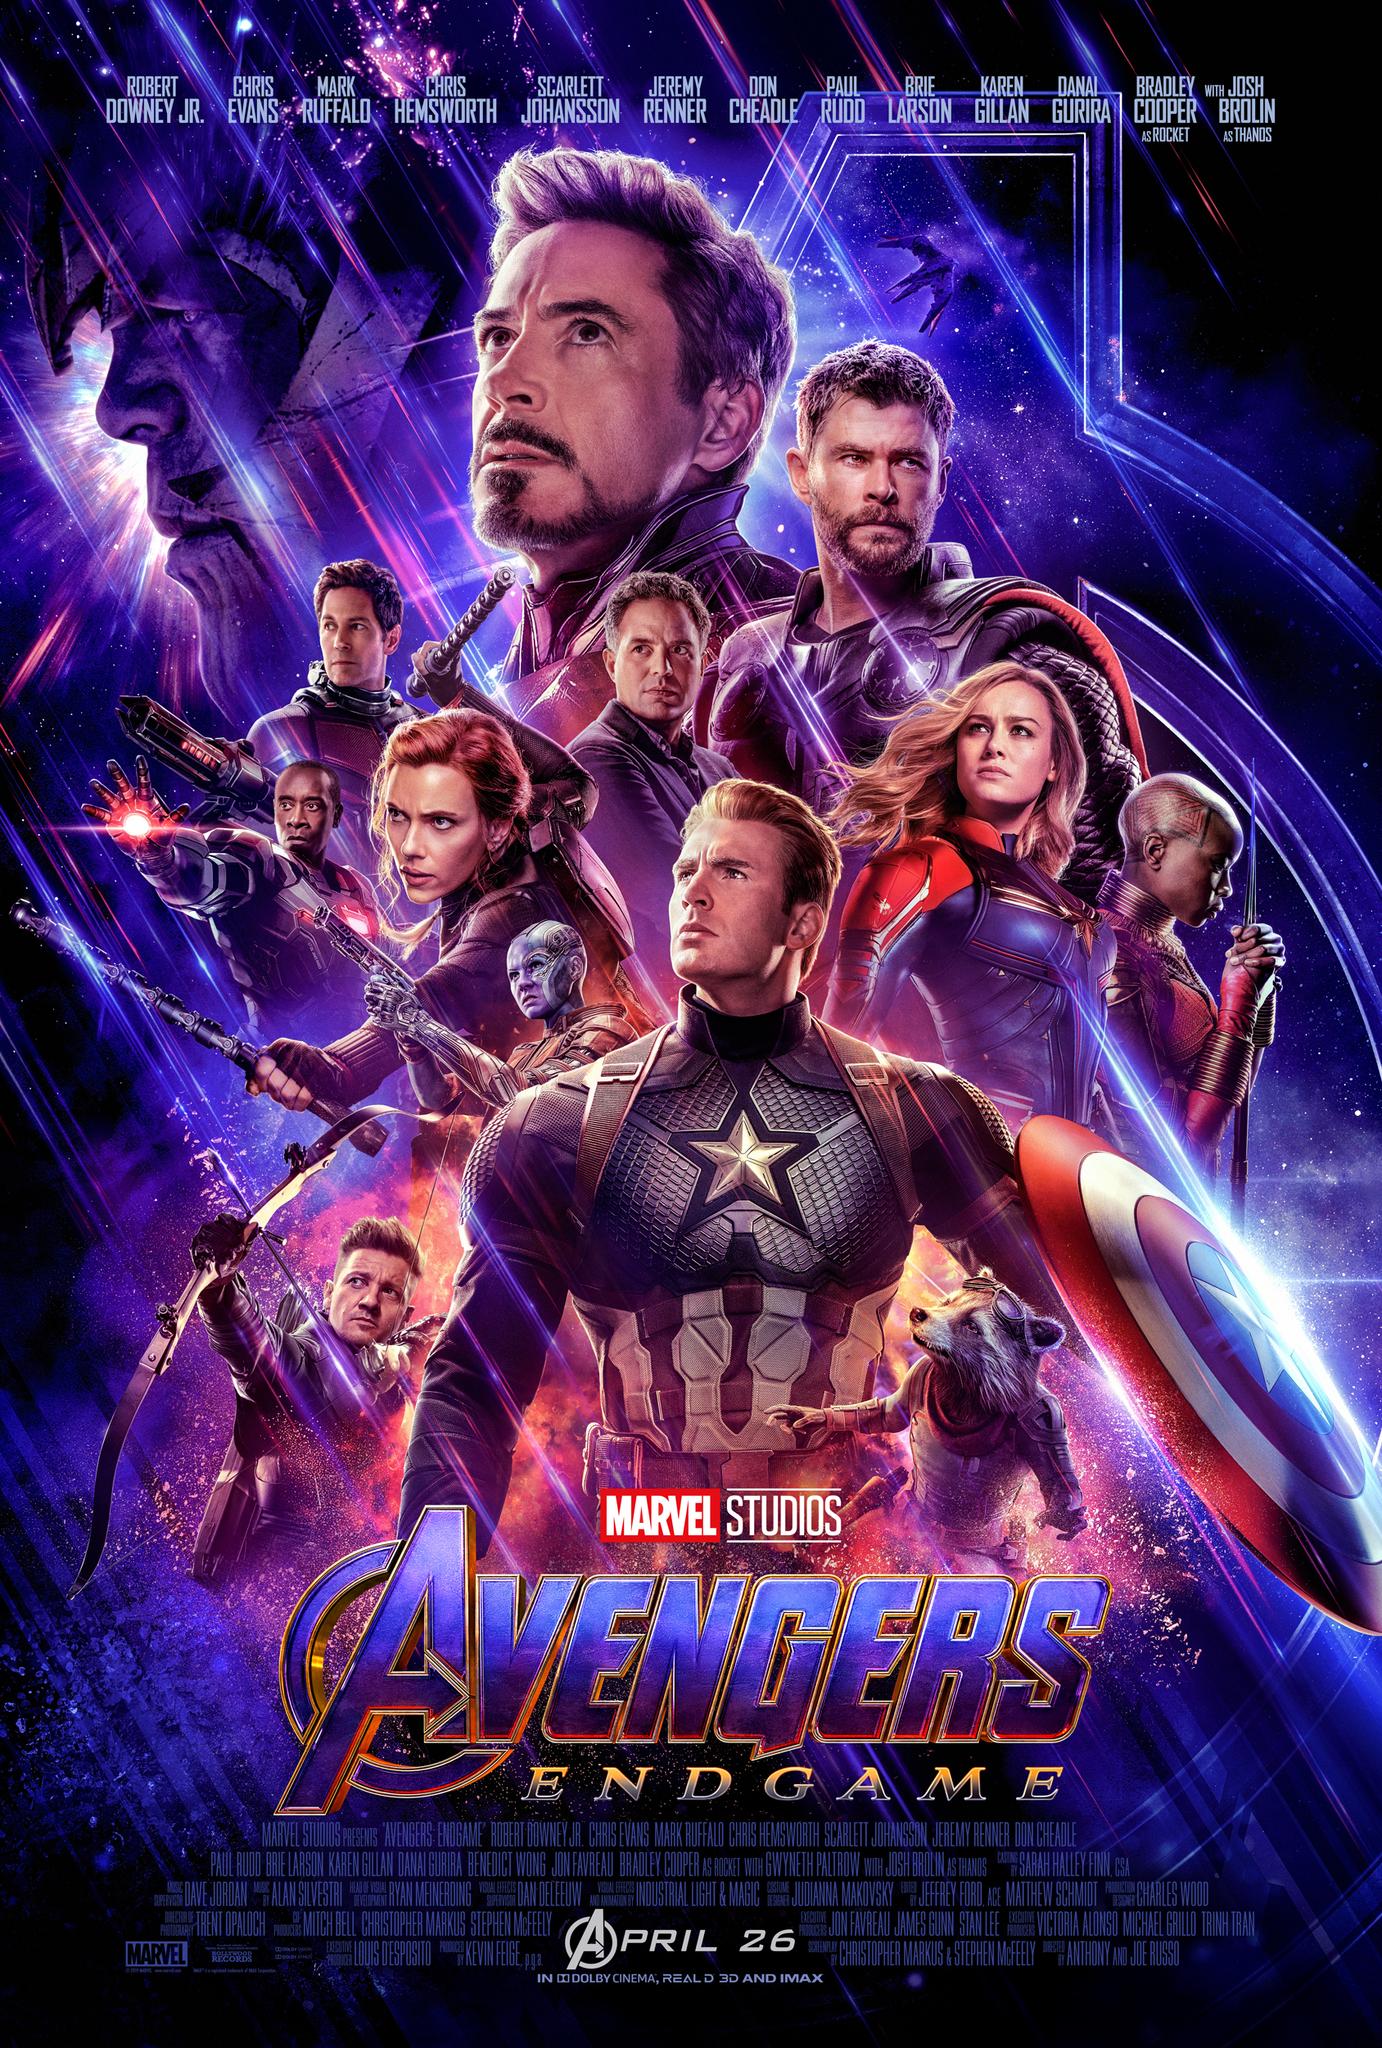 Avengers Endgame (2019) Hindi Dual Audio HDRip 720p